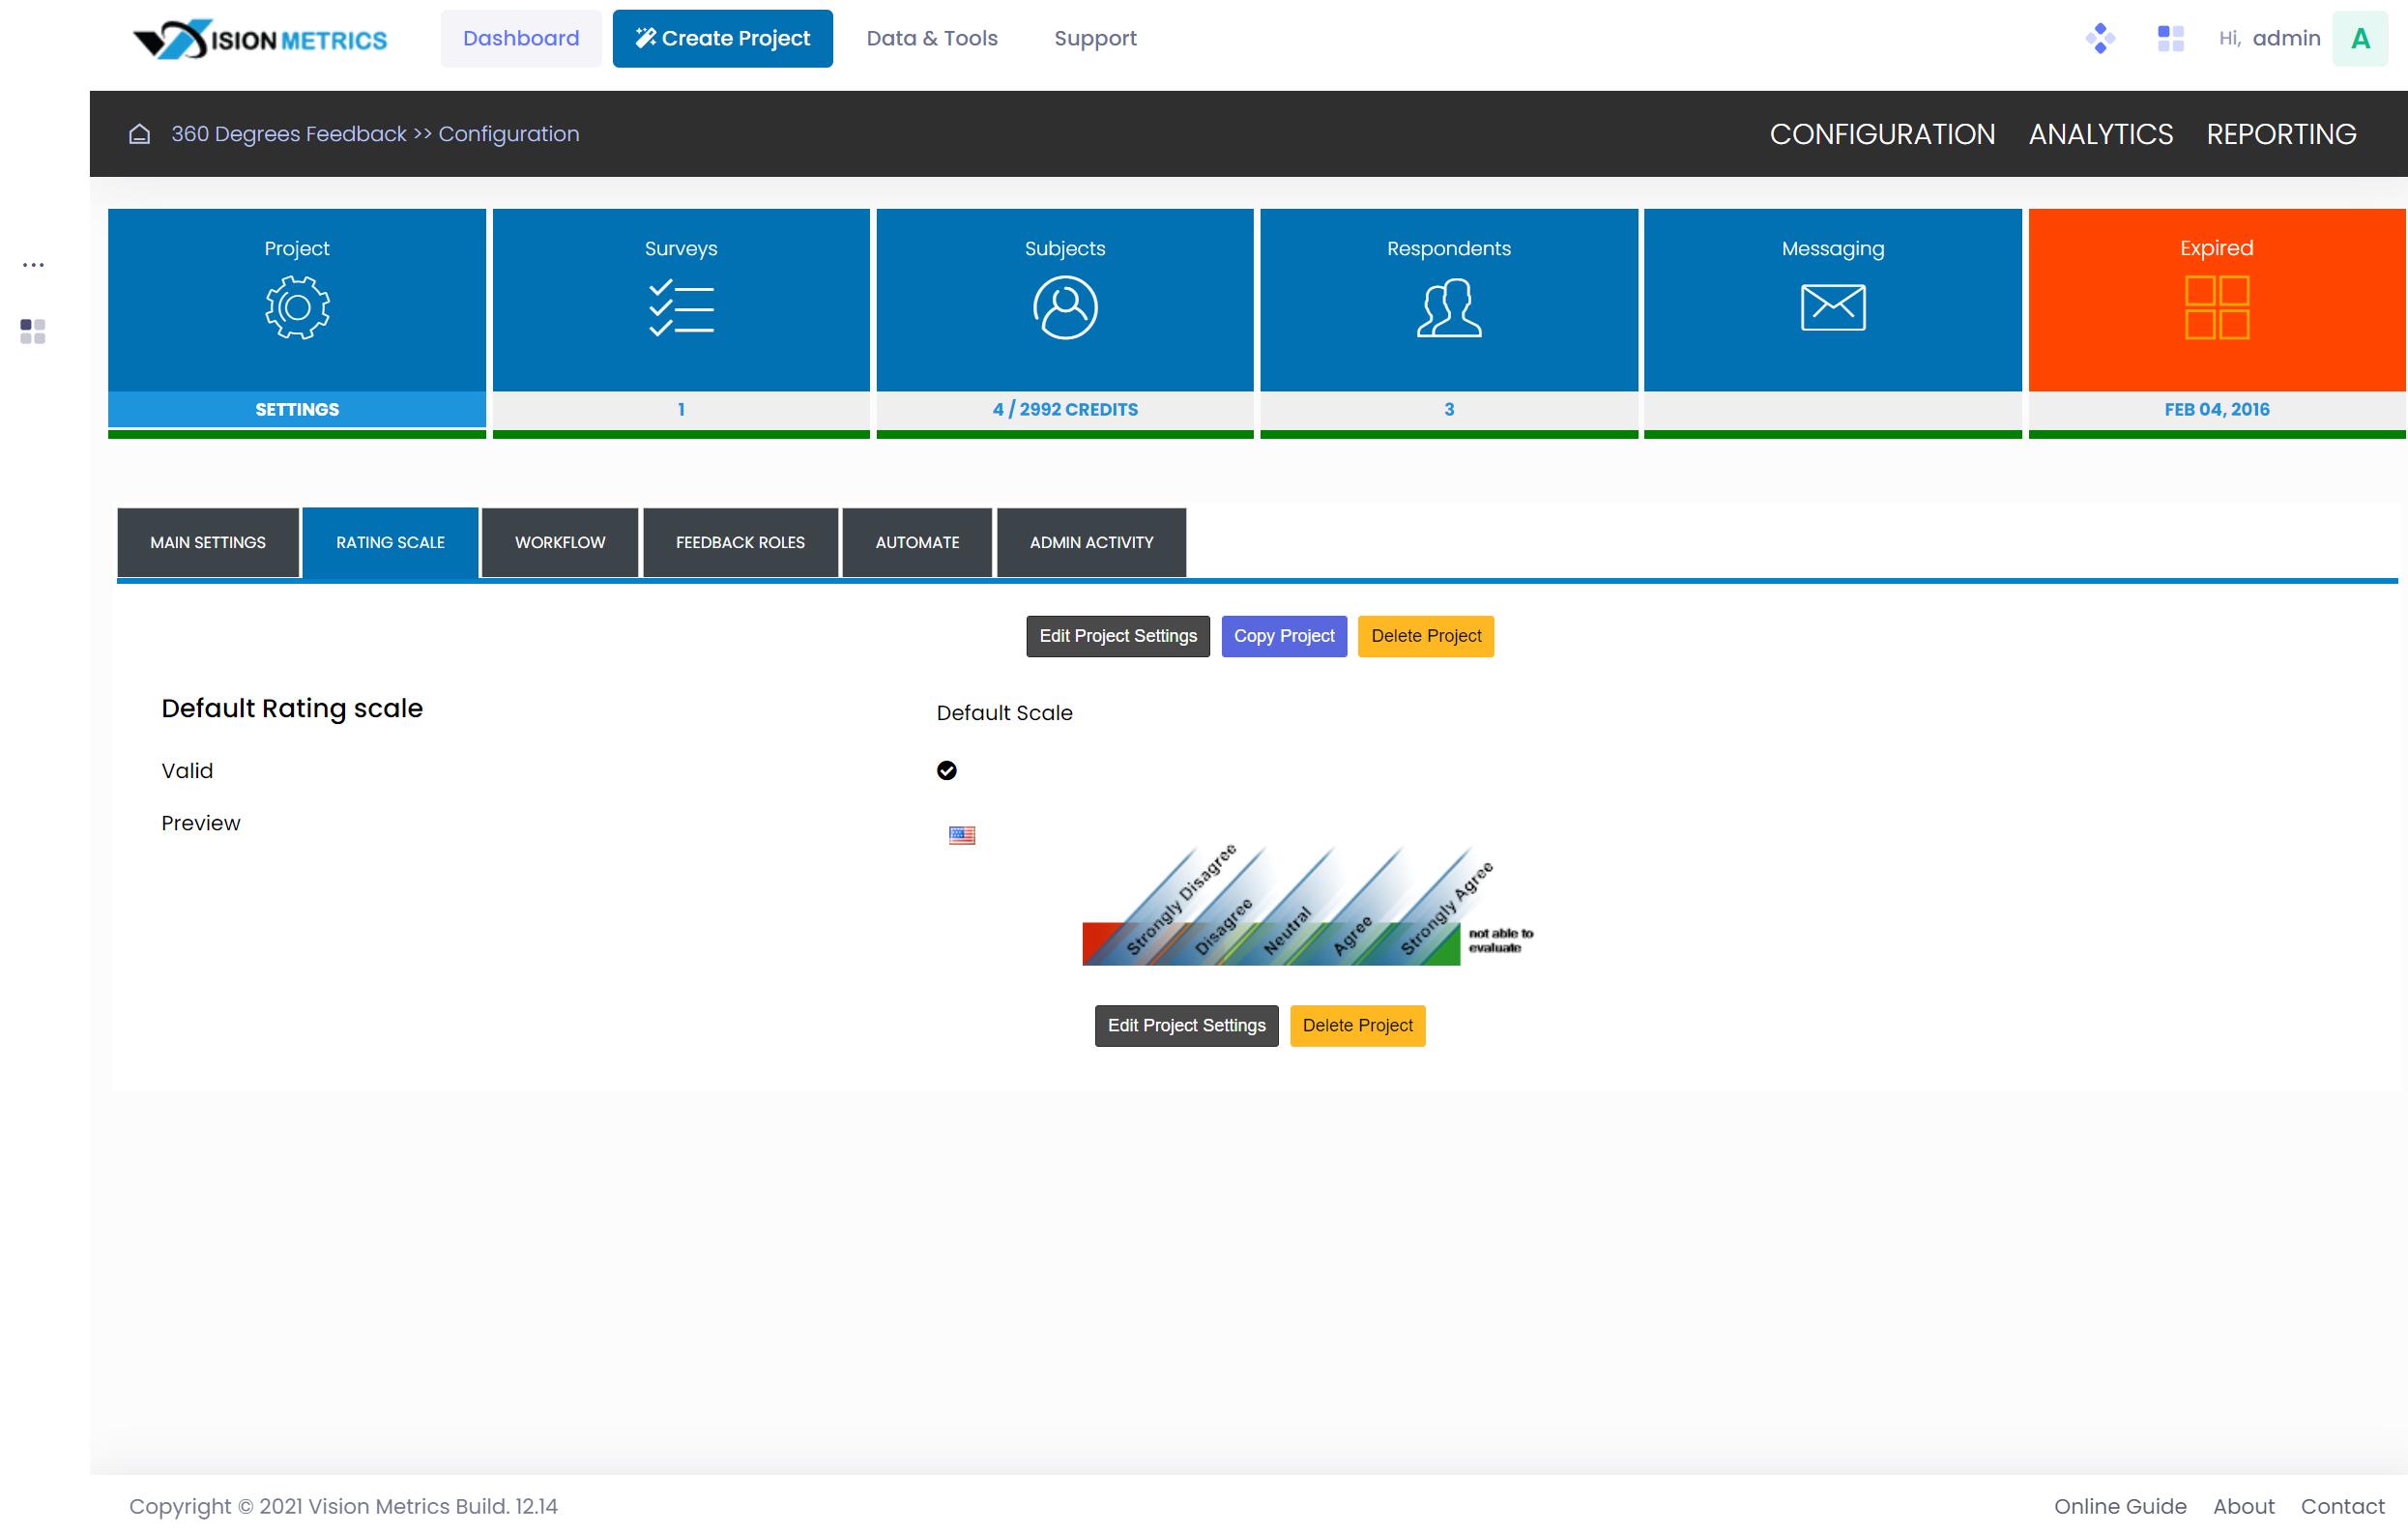 Configure 360 project parameters